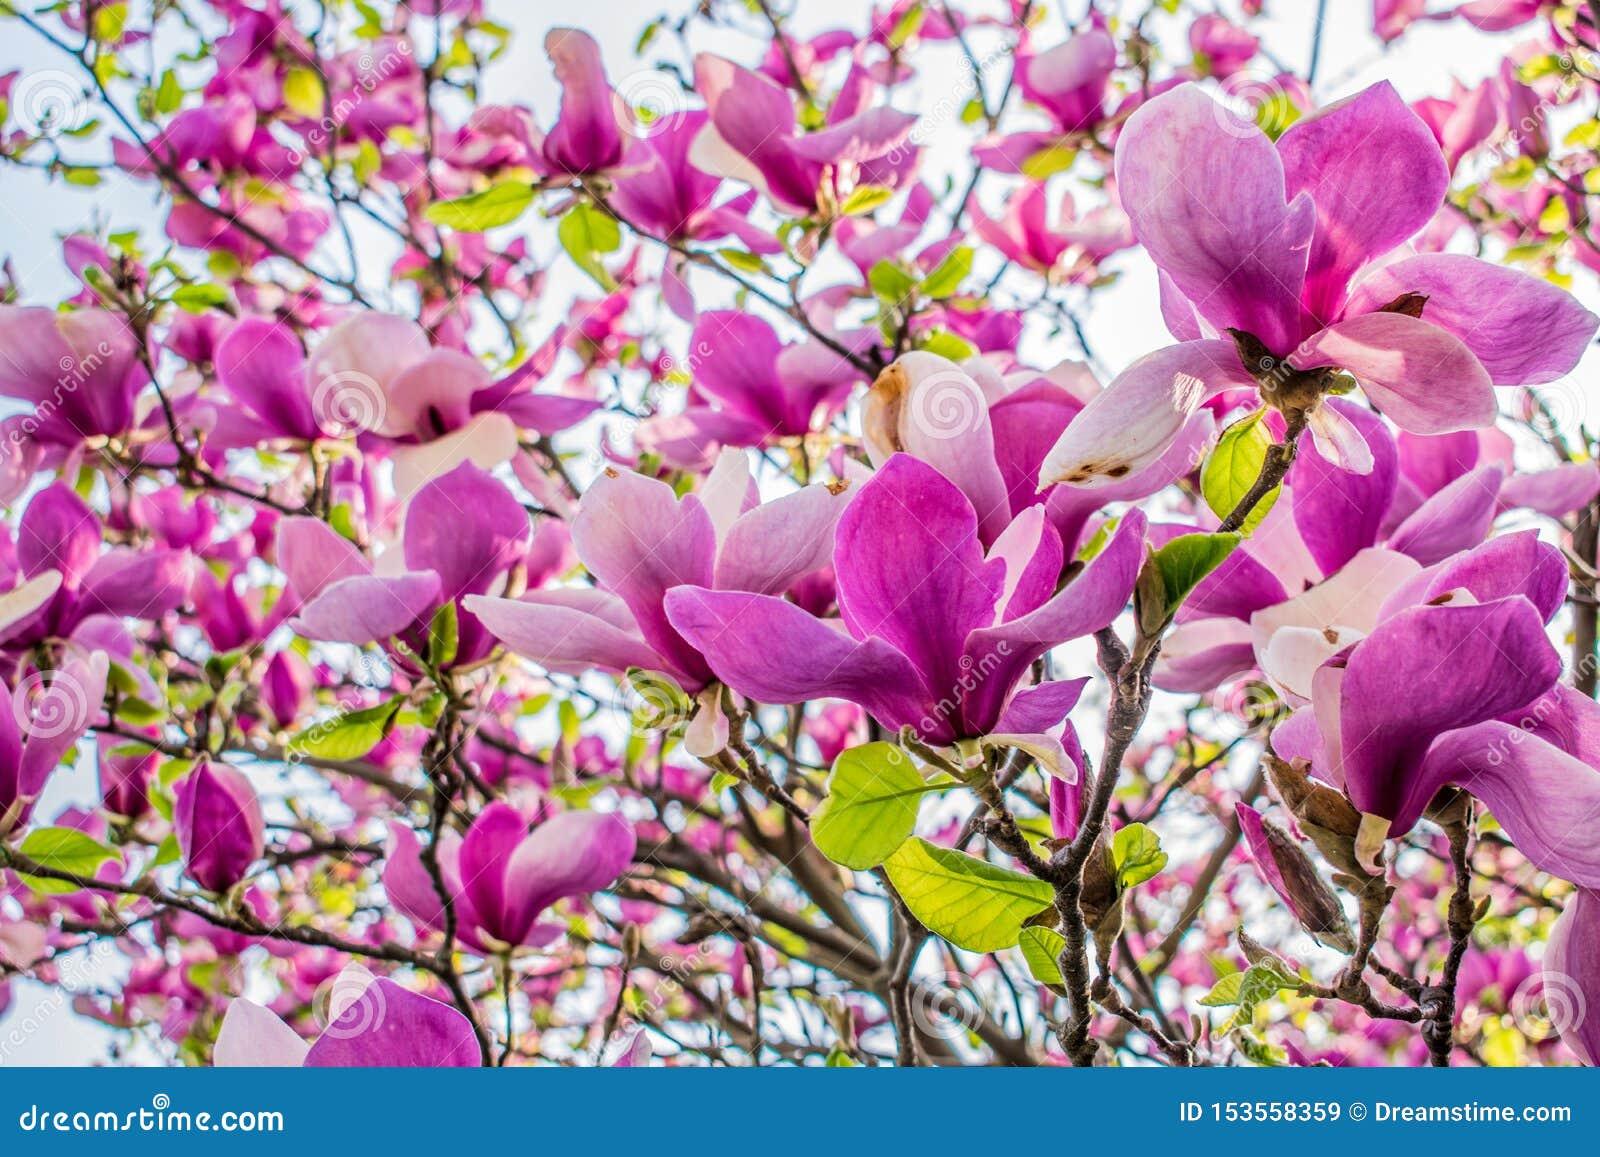 Botões grandes da orquídea cor-de-rosa na mola na árvore